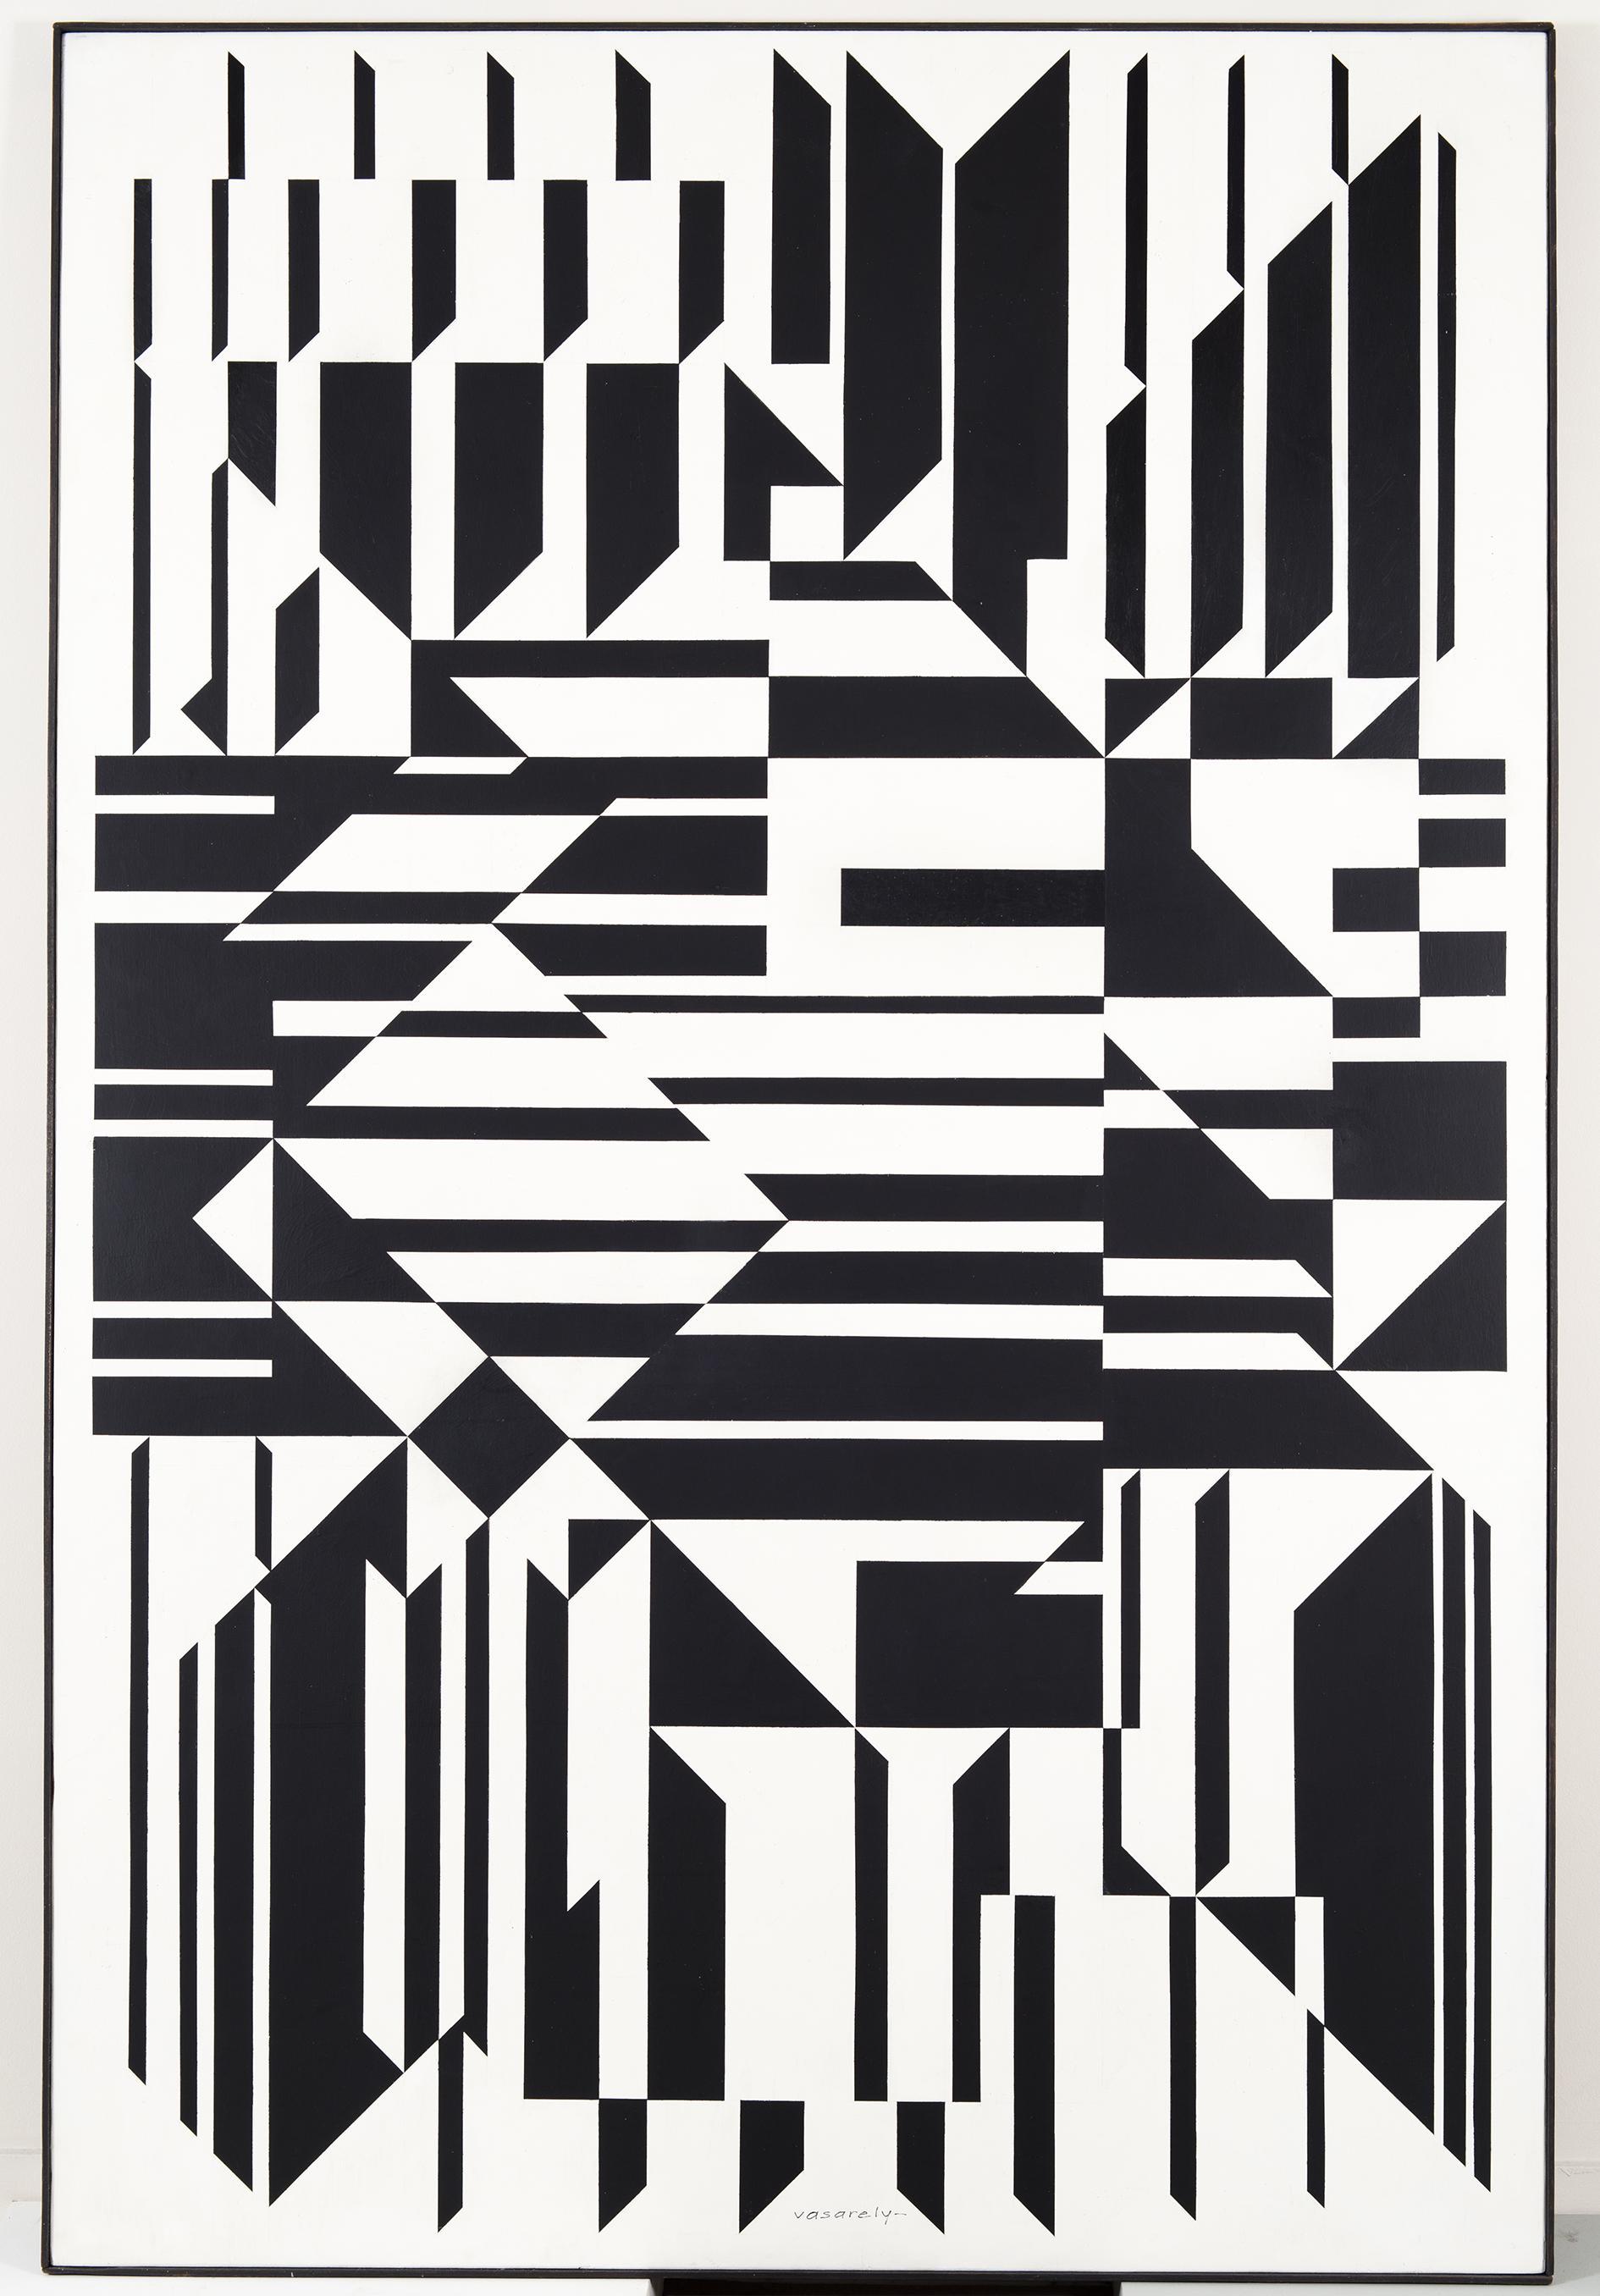 Tilla, 1958, Victor Vasarely © fabrice lepeltier